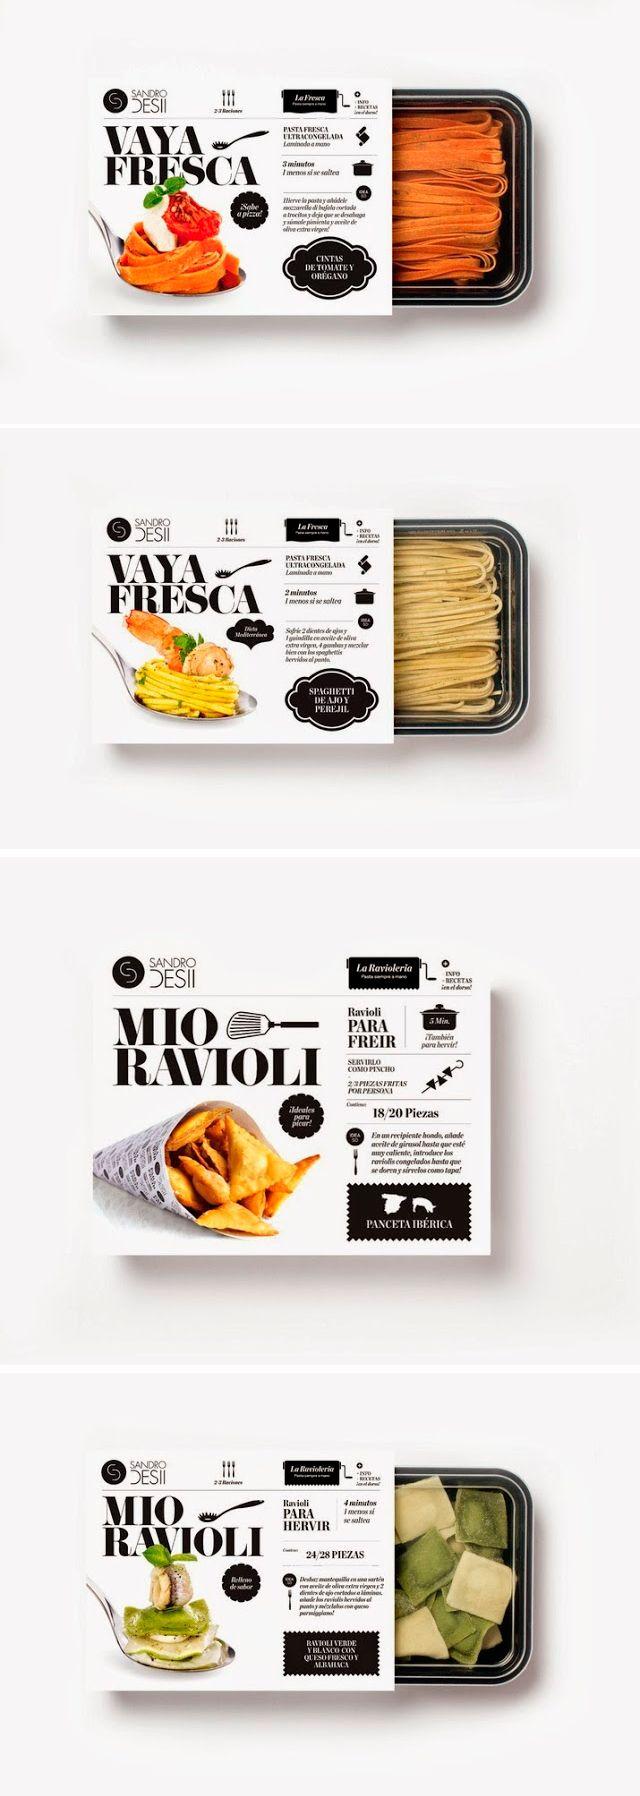 packaging / sandro desii - food